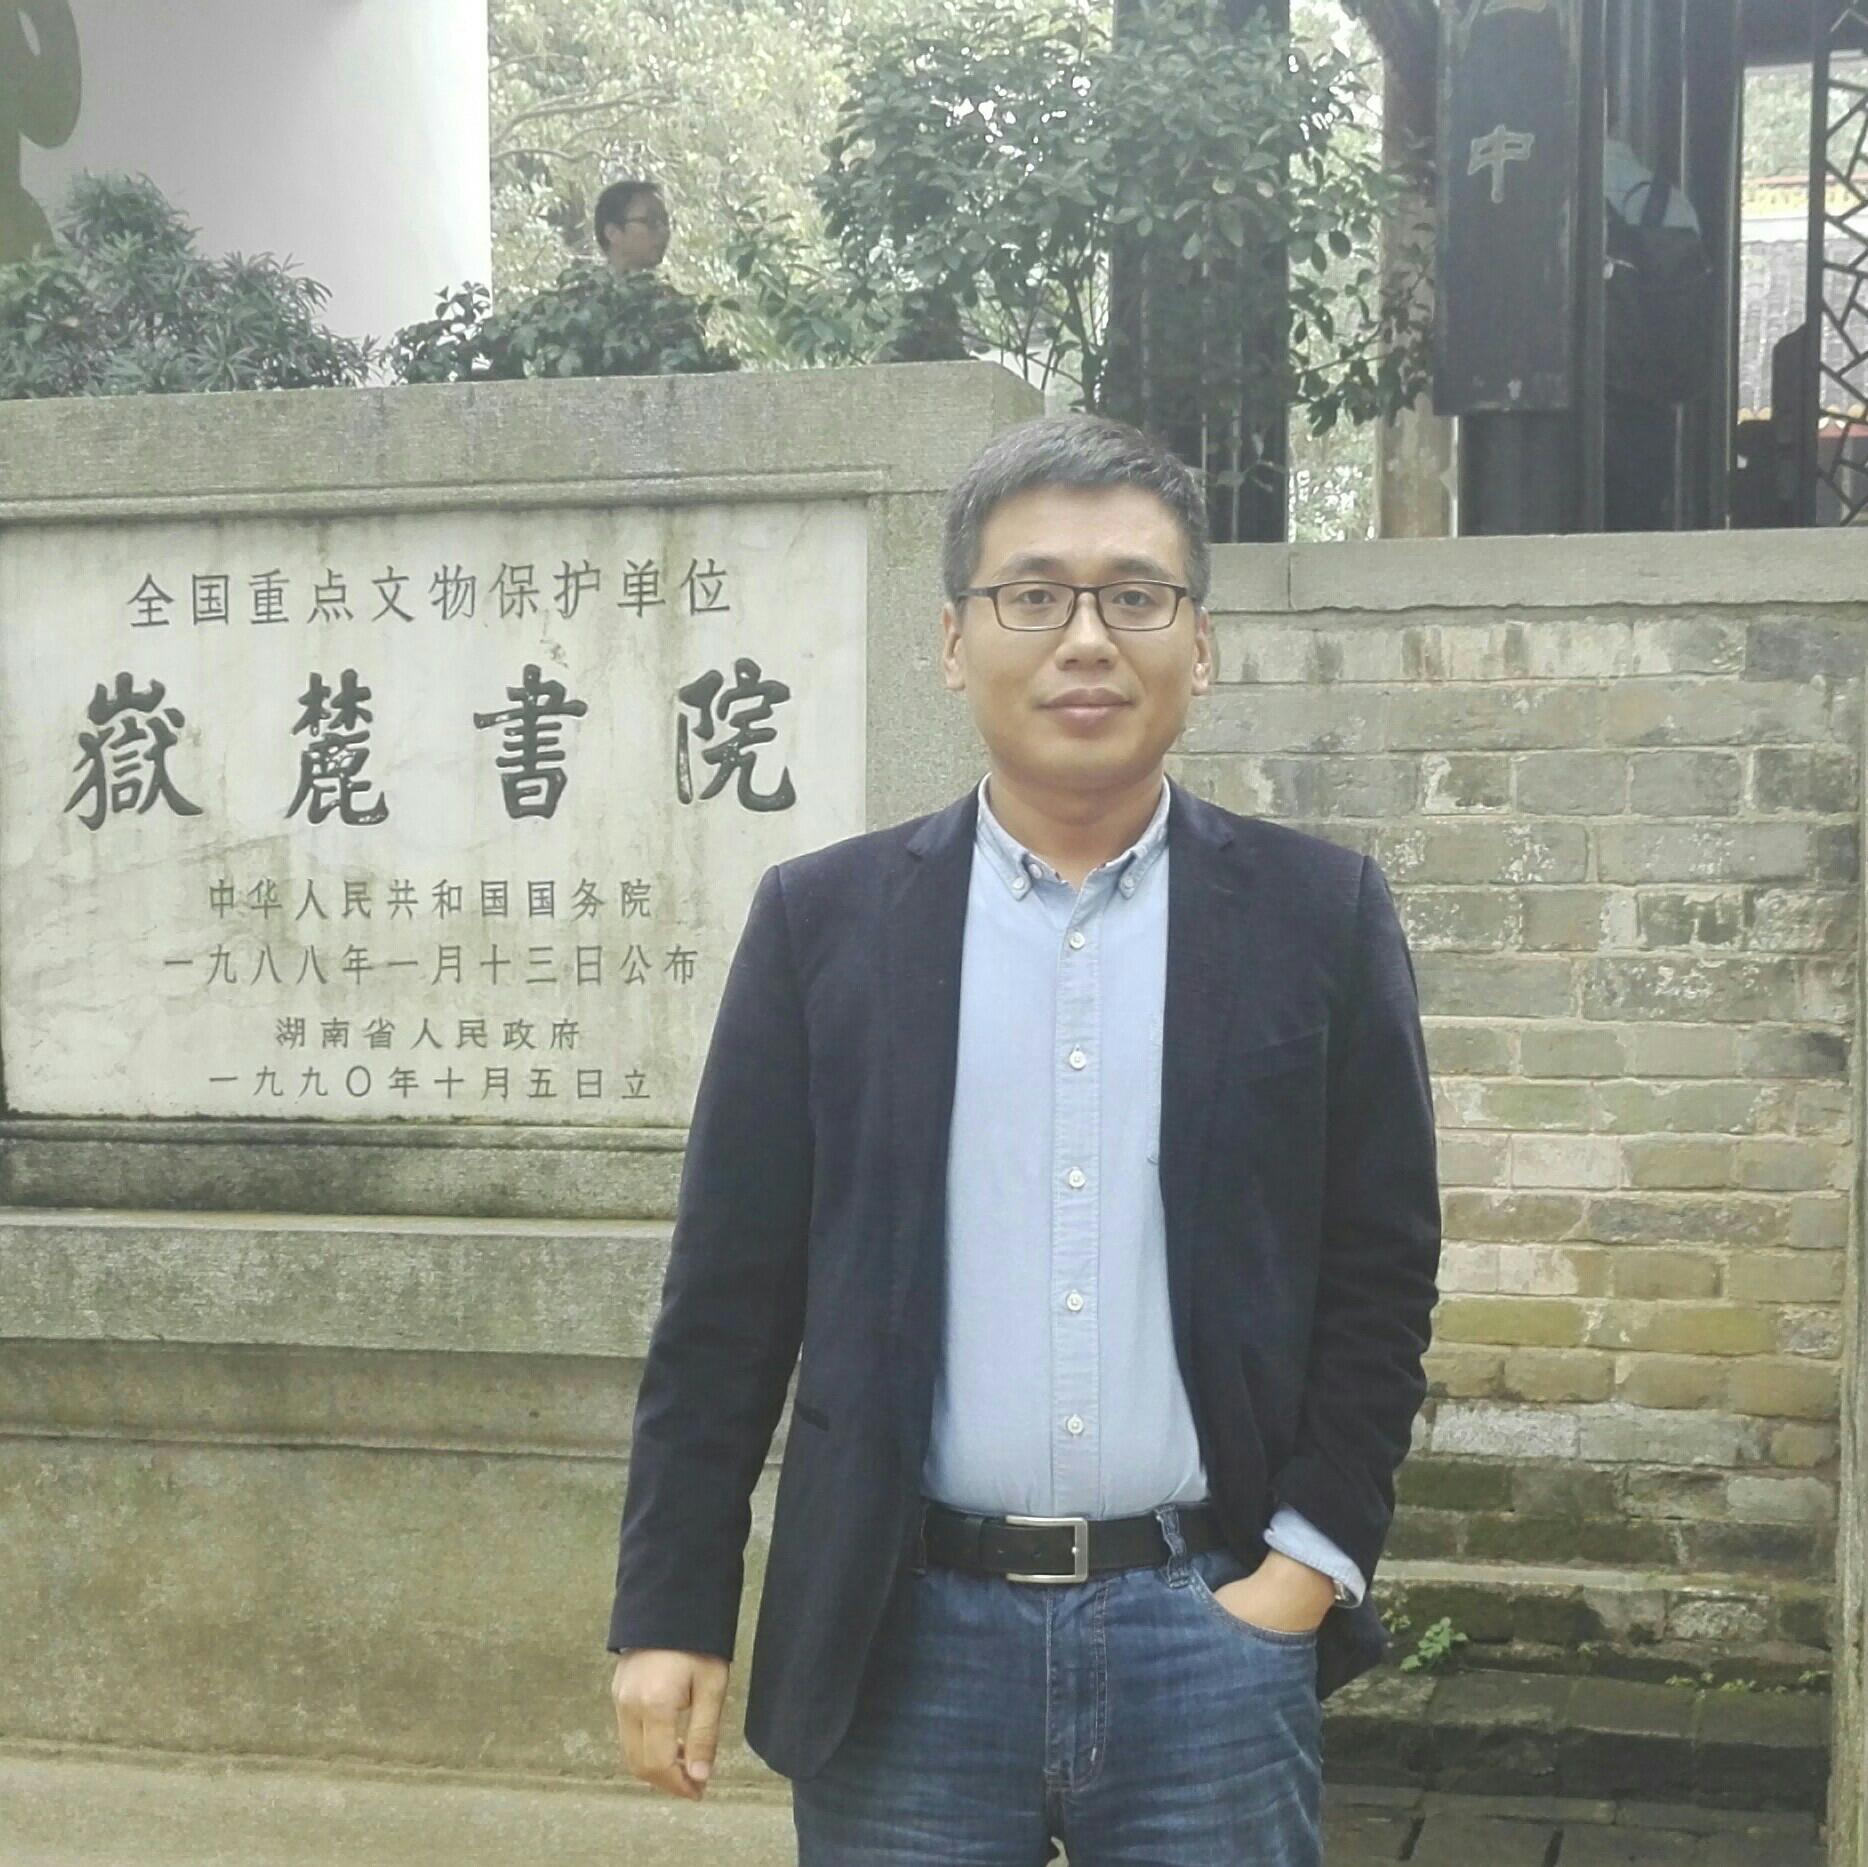 用友网络科技股份有限公司河北分公司副总代国勇照片